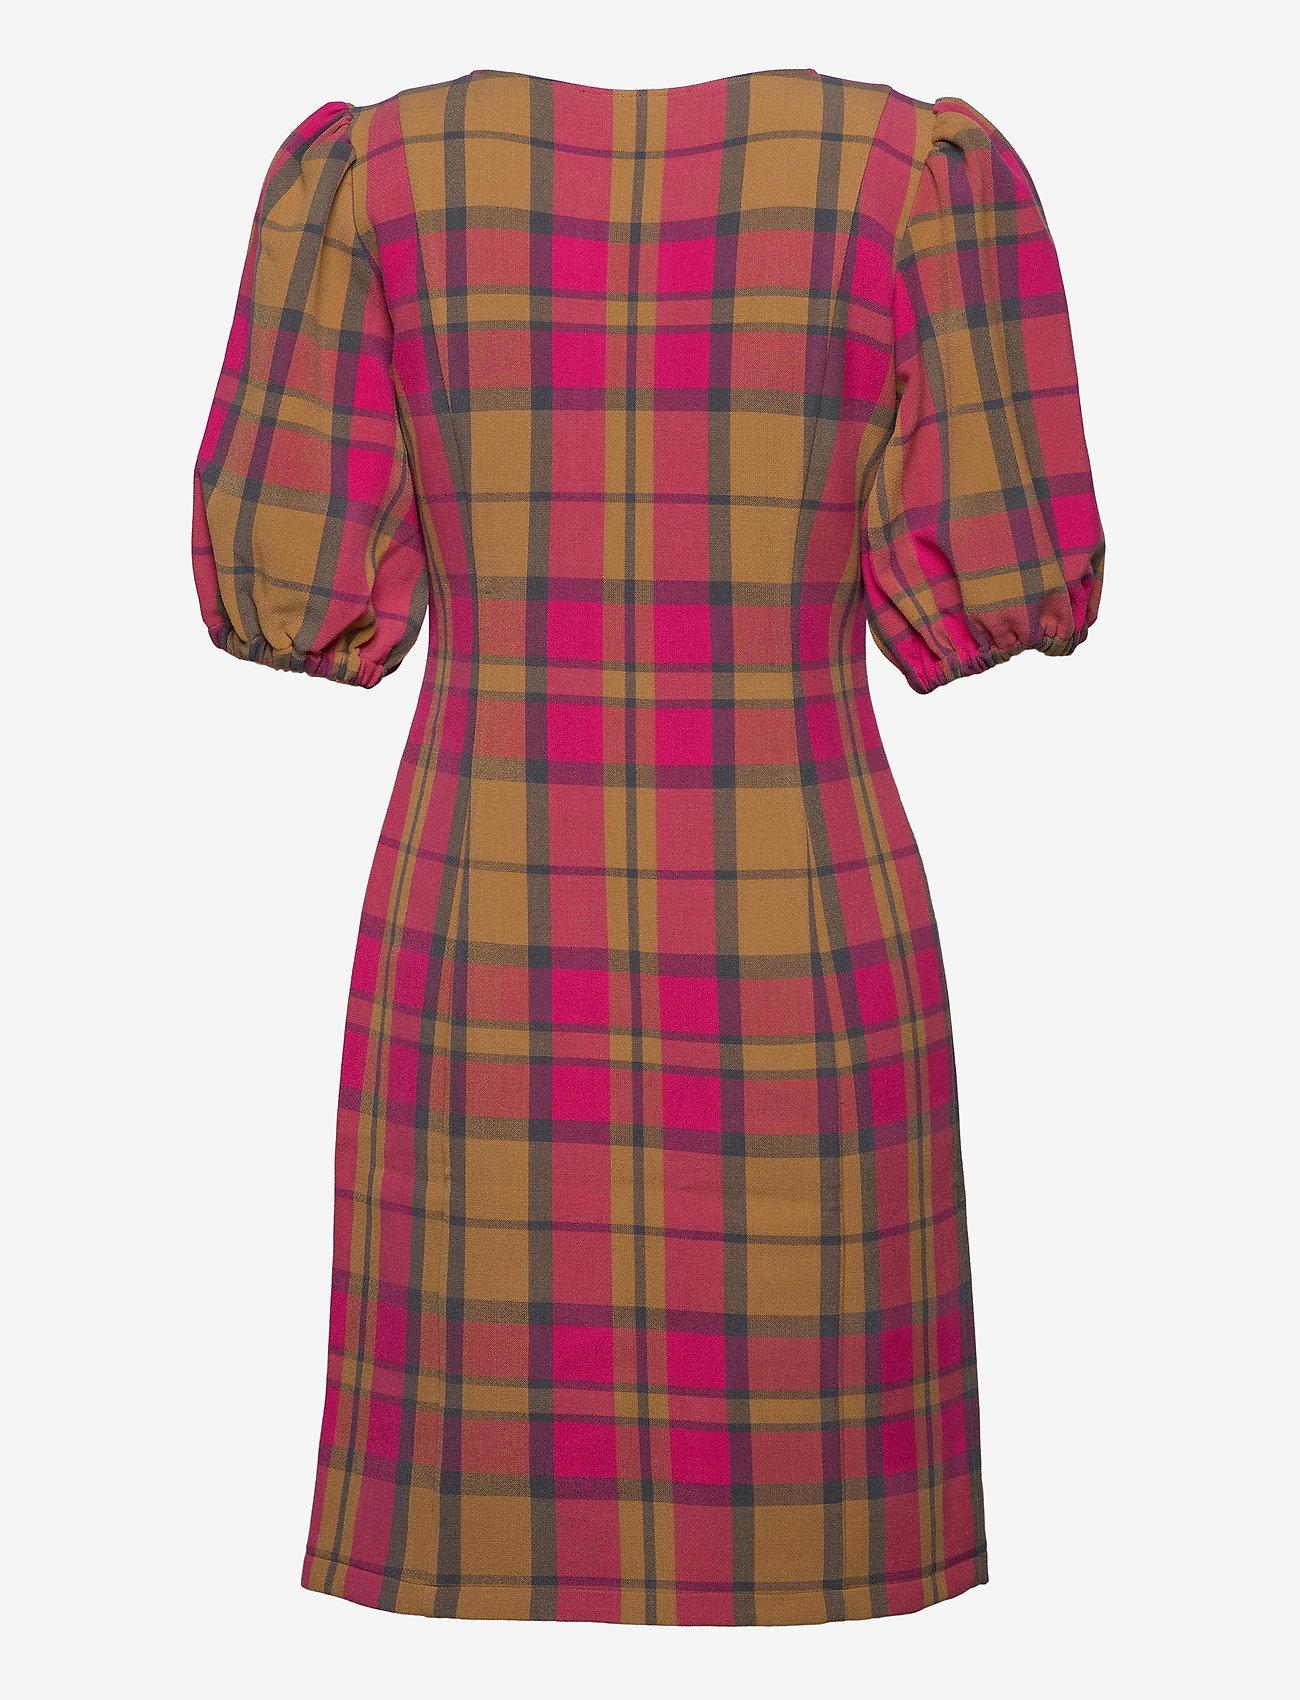 Gestuz - CivaGZ dress AO20 - stramme kjoler - pink/yellow check - 1